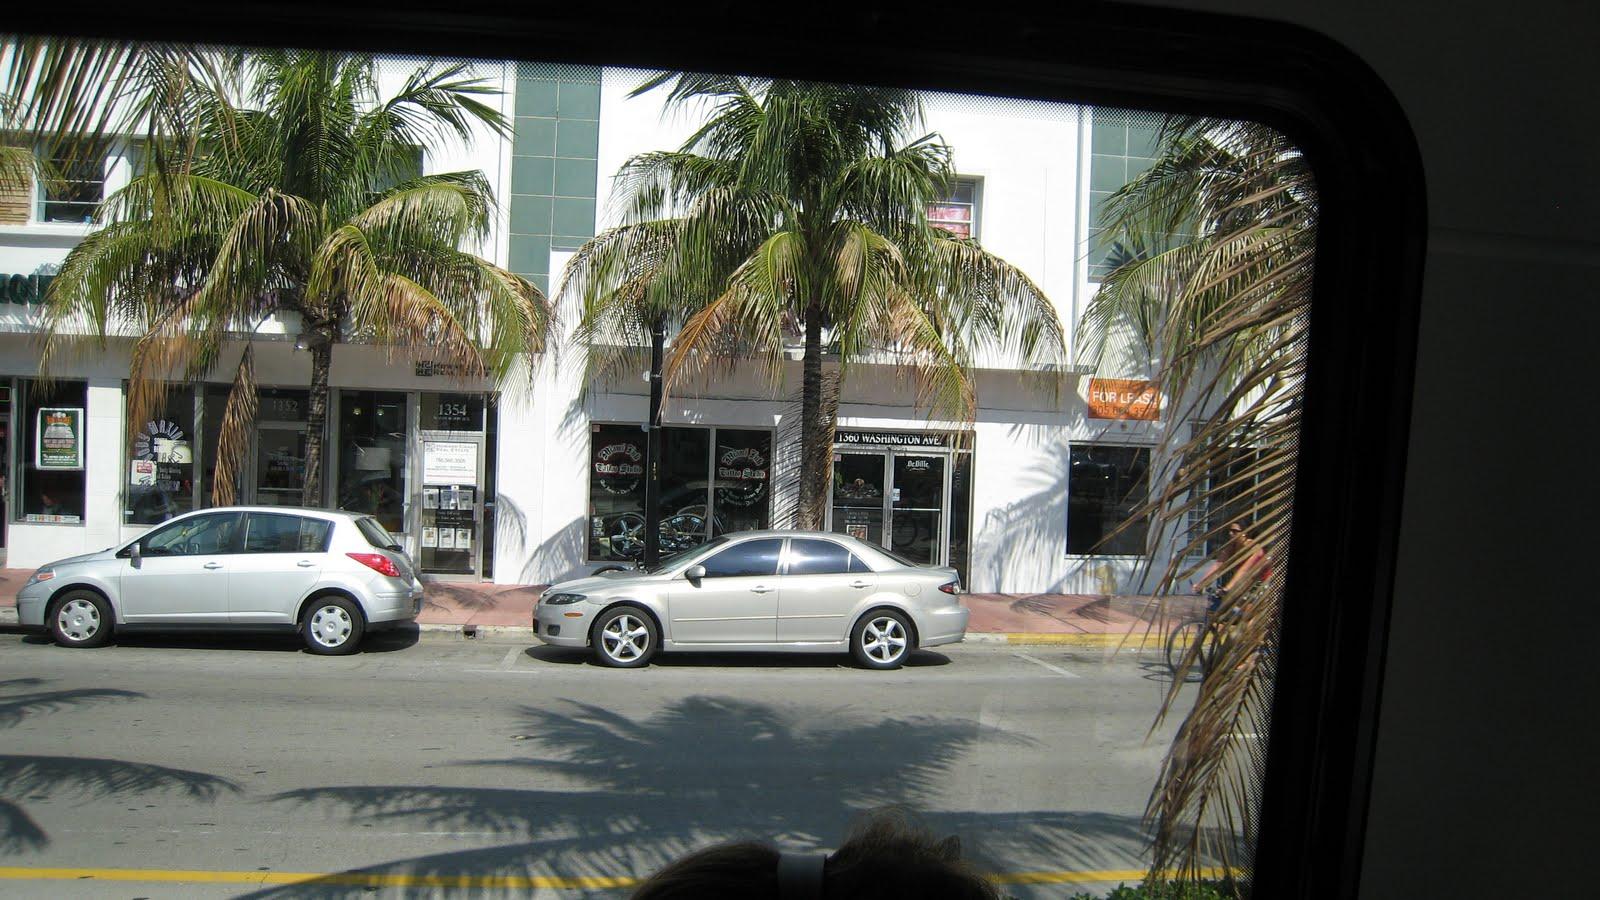 http://4.bp.blogspot.com/_1toZCiQGk3c/TBP6awZbfeI/AAAAAAAAAH8/H3Rwocohob0/s1600/Miami%2B015.jpg